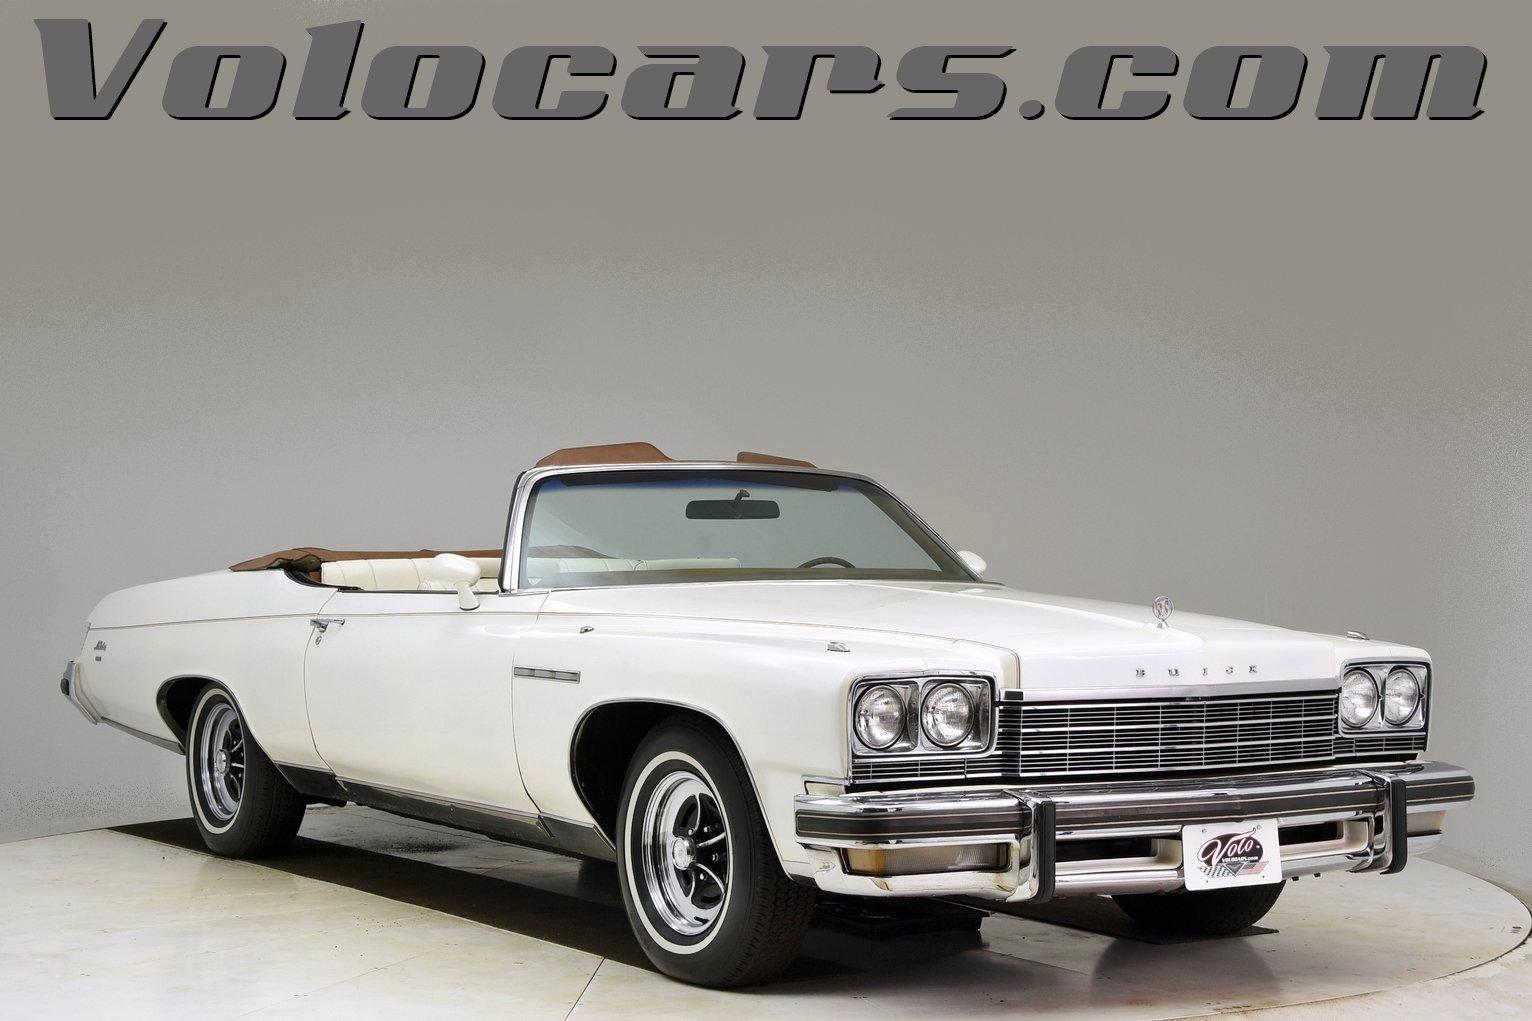 370327338b9da2 hd 1975 buick lesabre